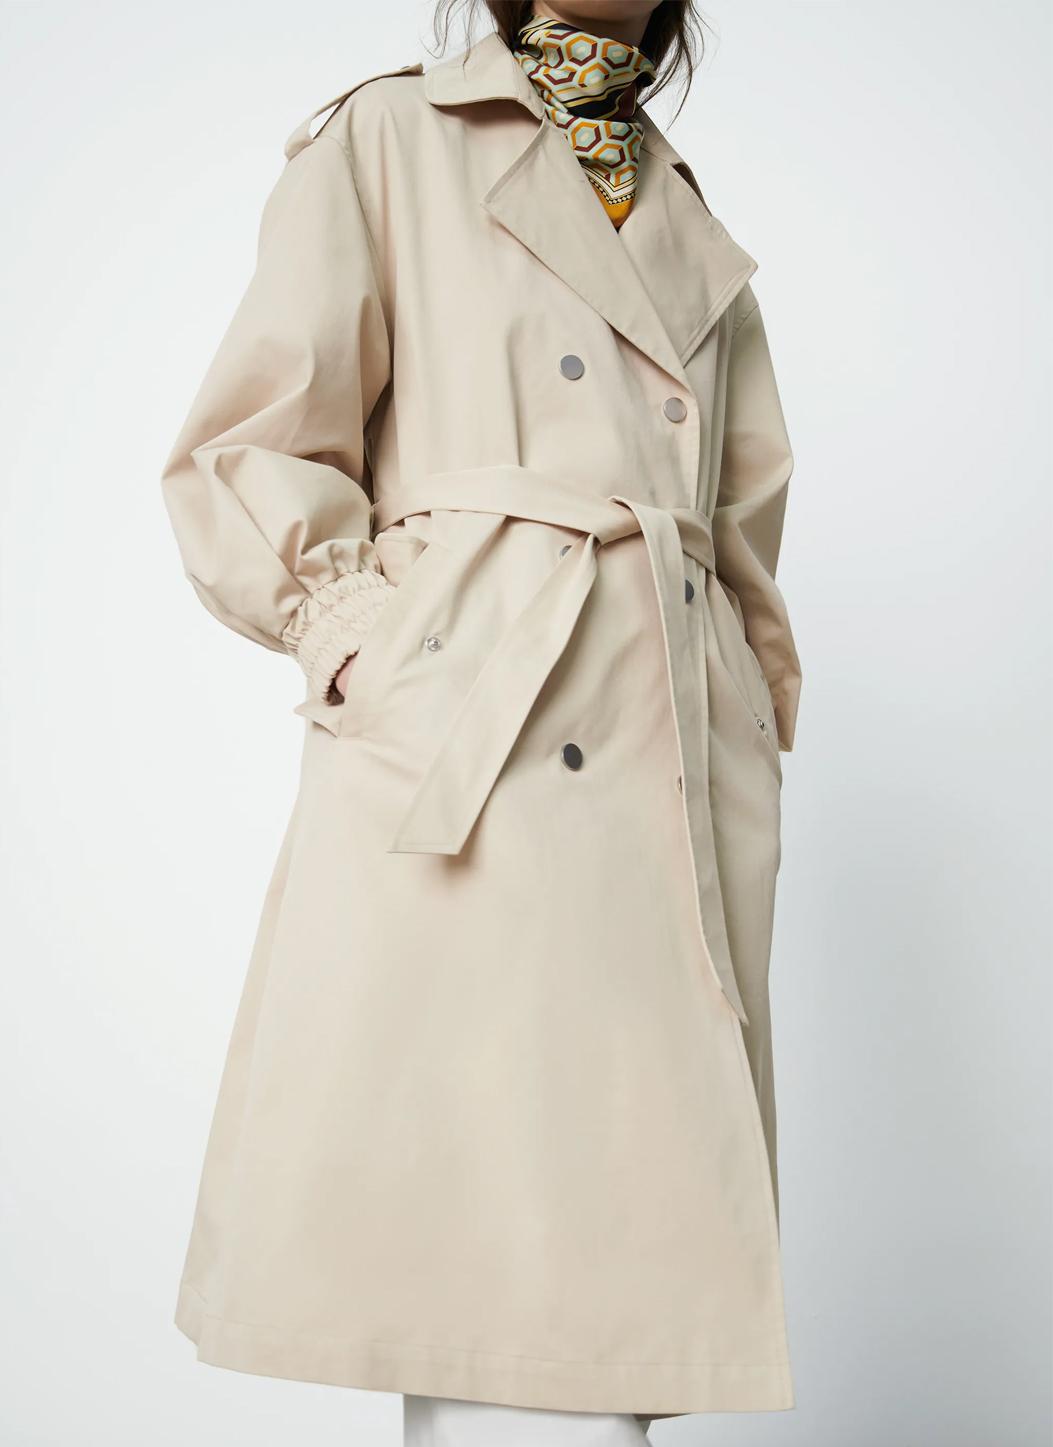 zara beige trench coat woman 2021